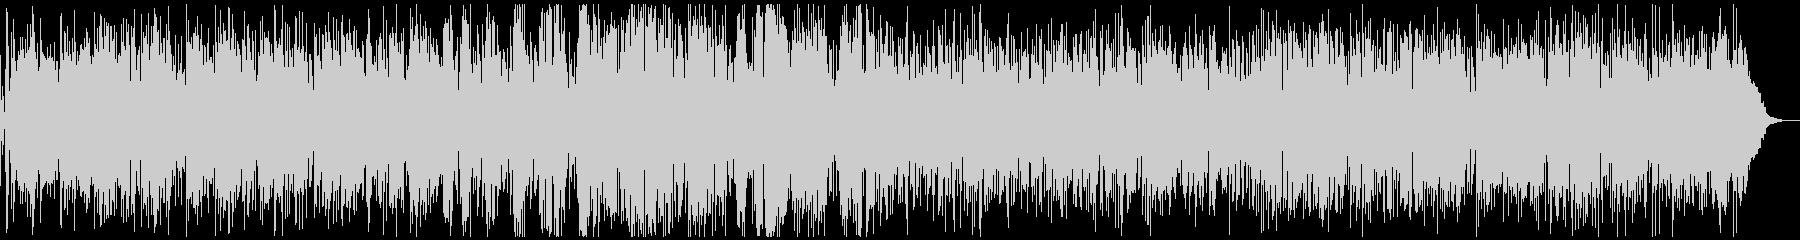 【生演奏】おしゃれな大人のカフェボサノバの未再生の波形